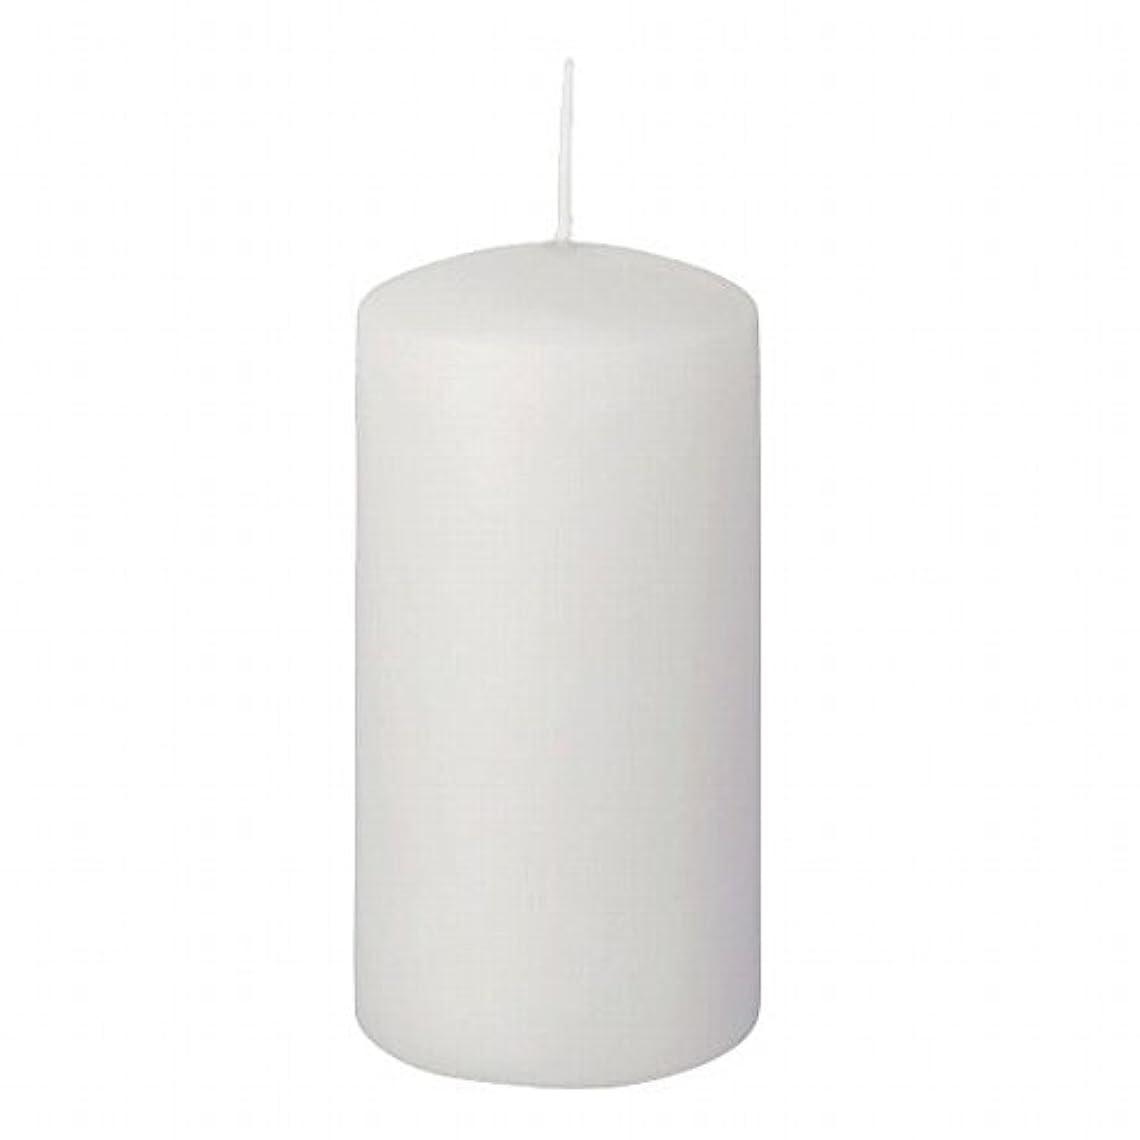 明快カバーご飯ヤンキーキャンドル(YANKEE CANDLE) 4インチピラー50 「 ホワイト 」